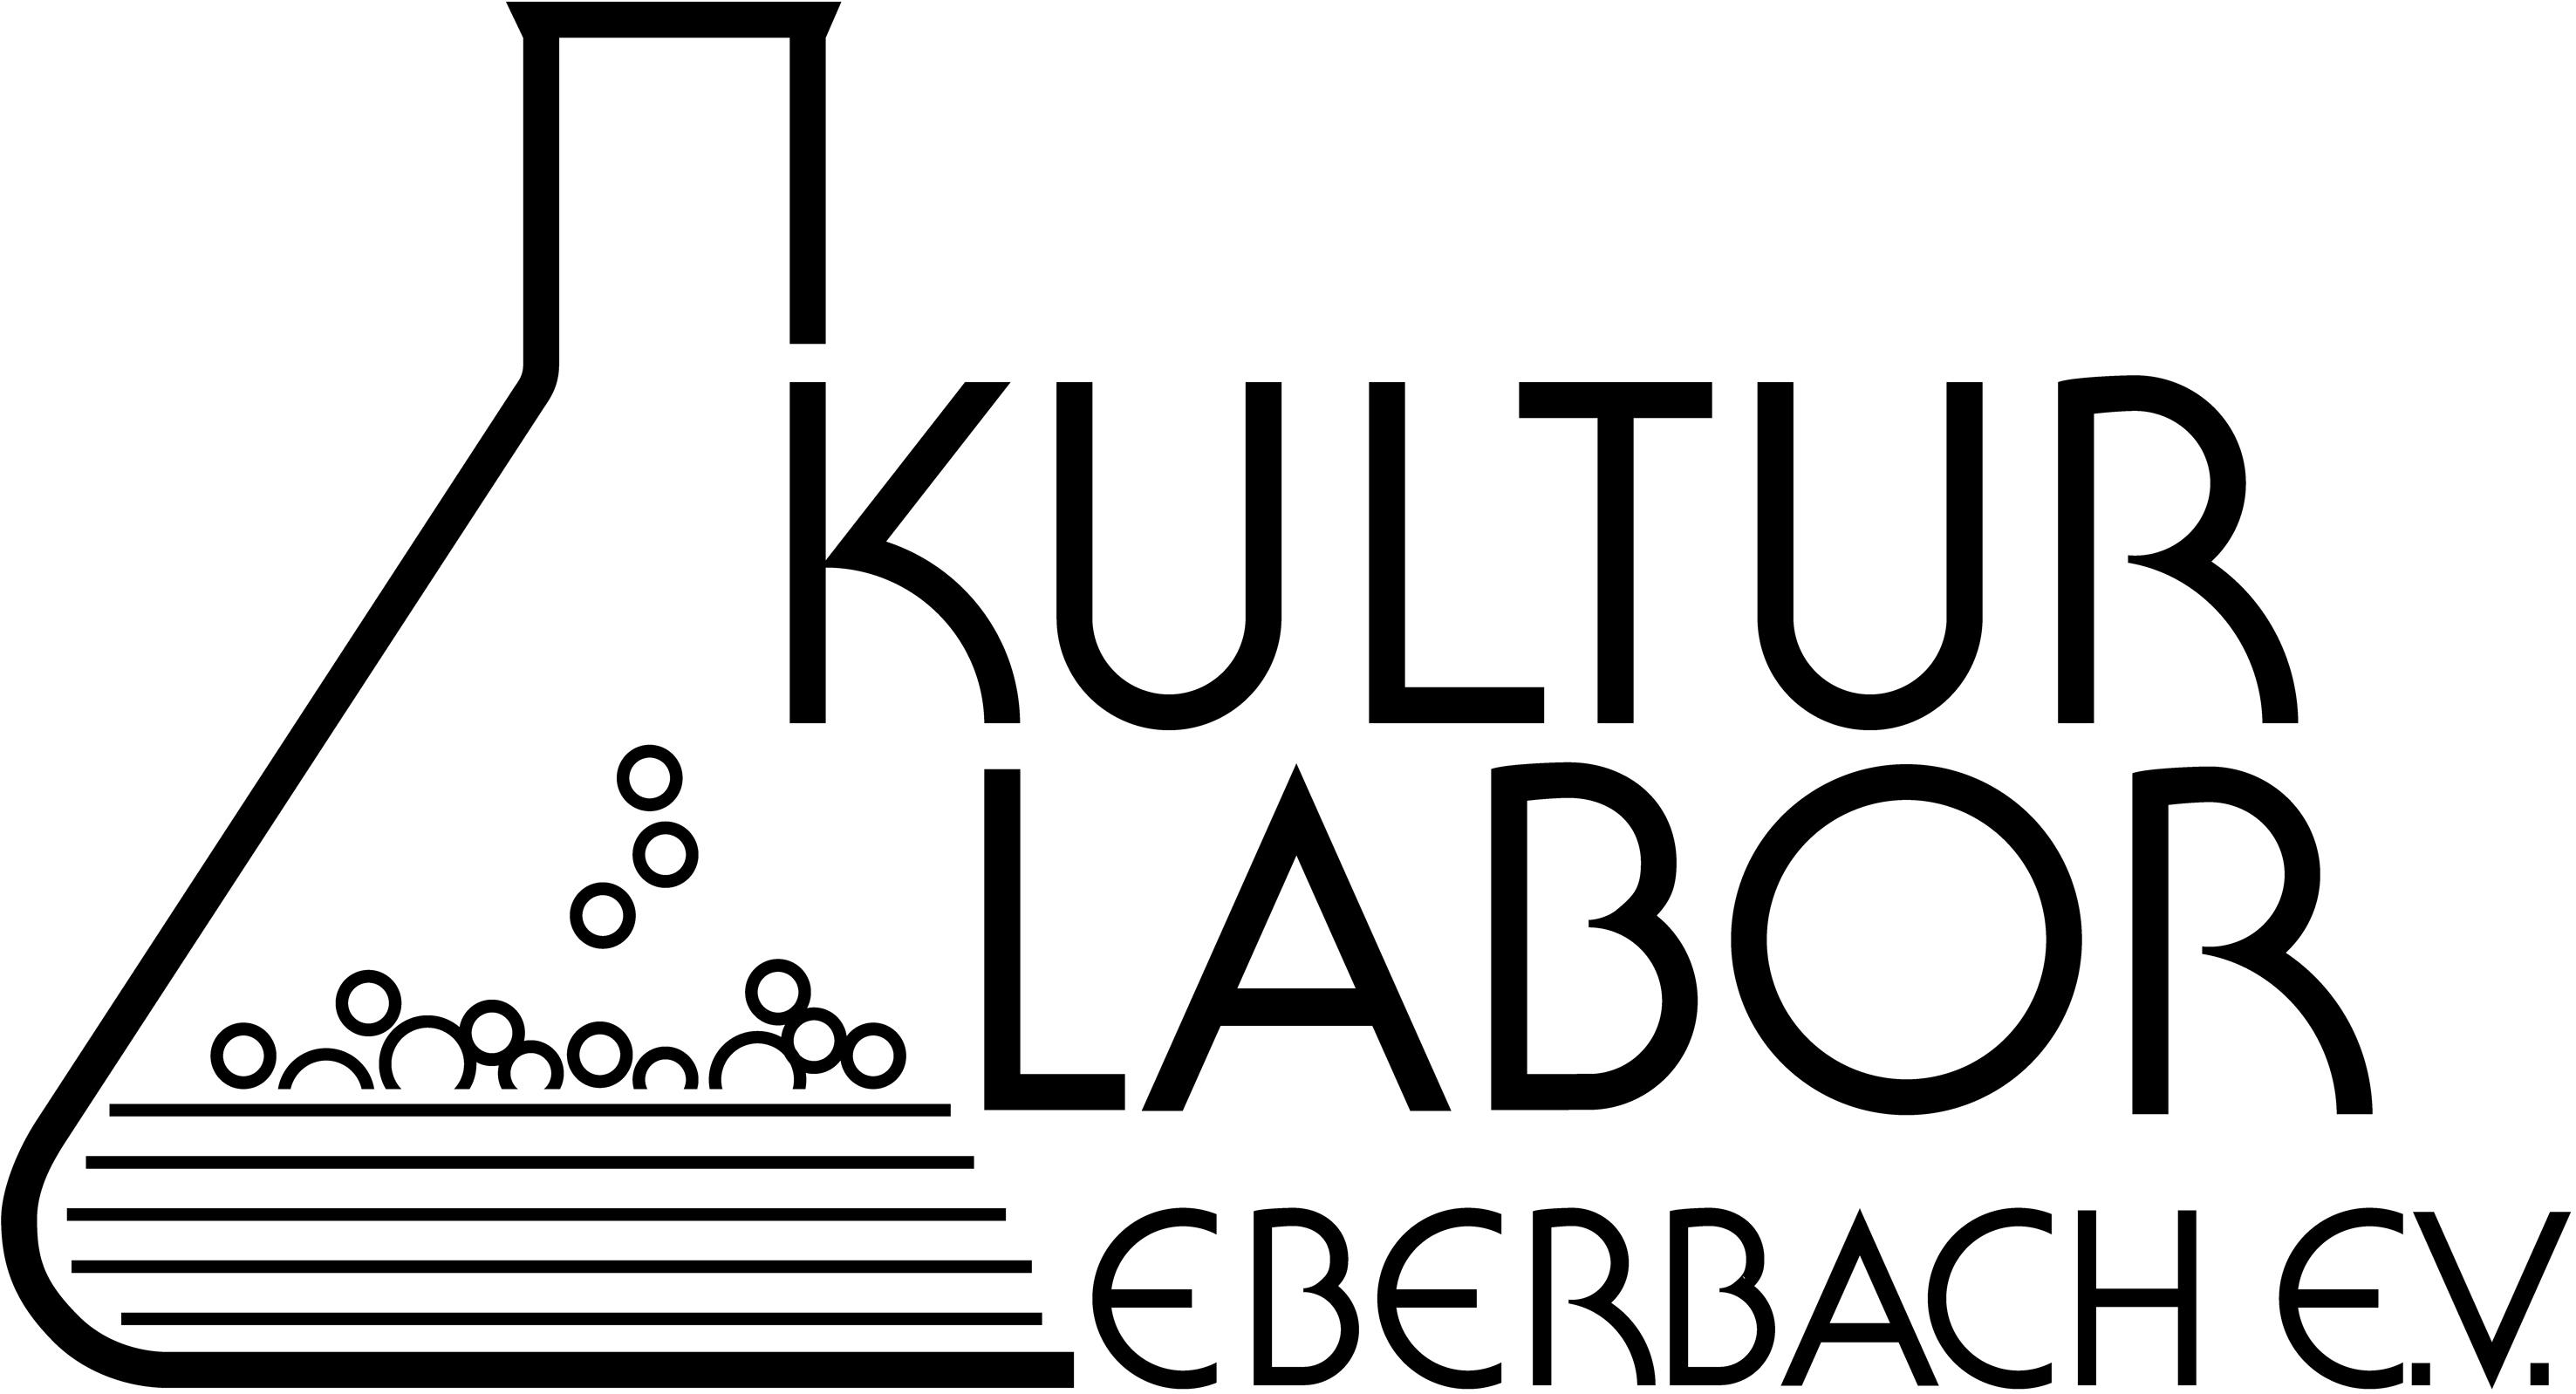 Kulturlabor Eberbach beim Sommerstraßenfest der Eberbacher Werbegemeinschaft